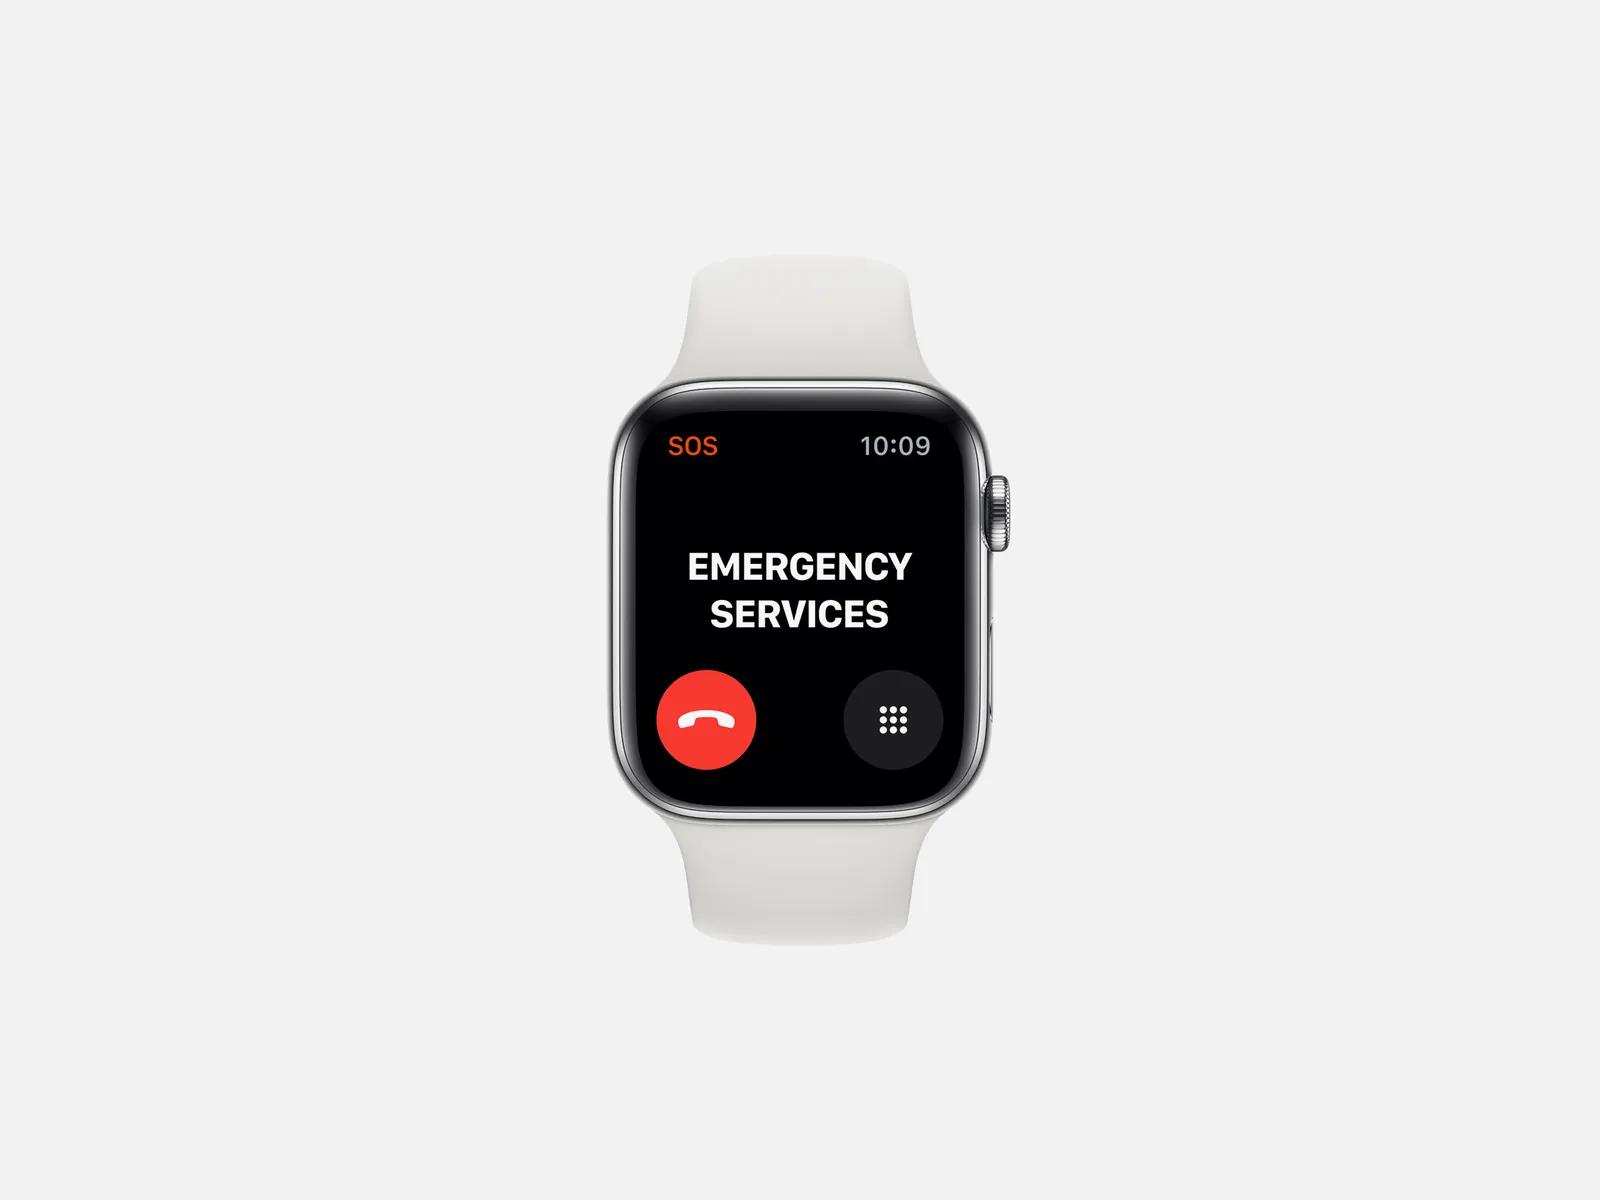 Устройства, приложения, и портативные девайсы, которые помогут в экстренной ситуации